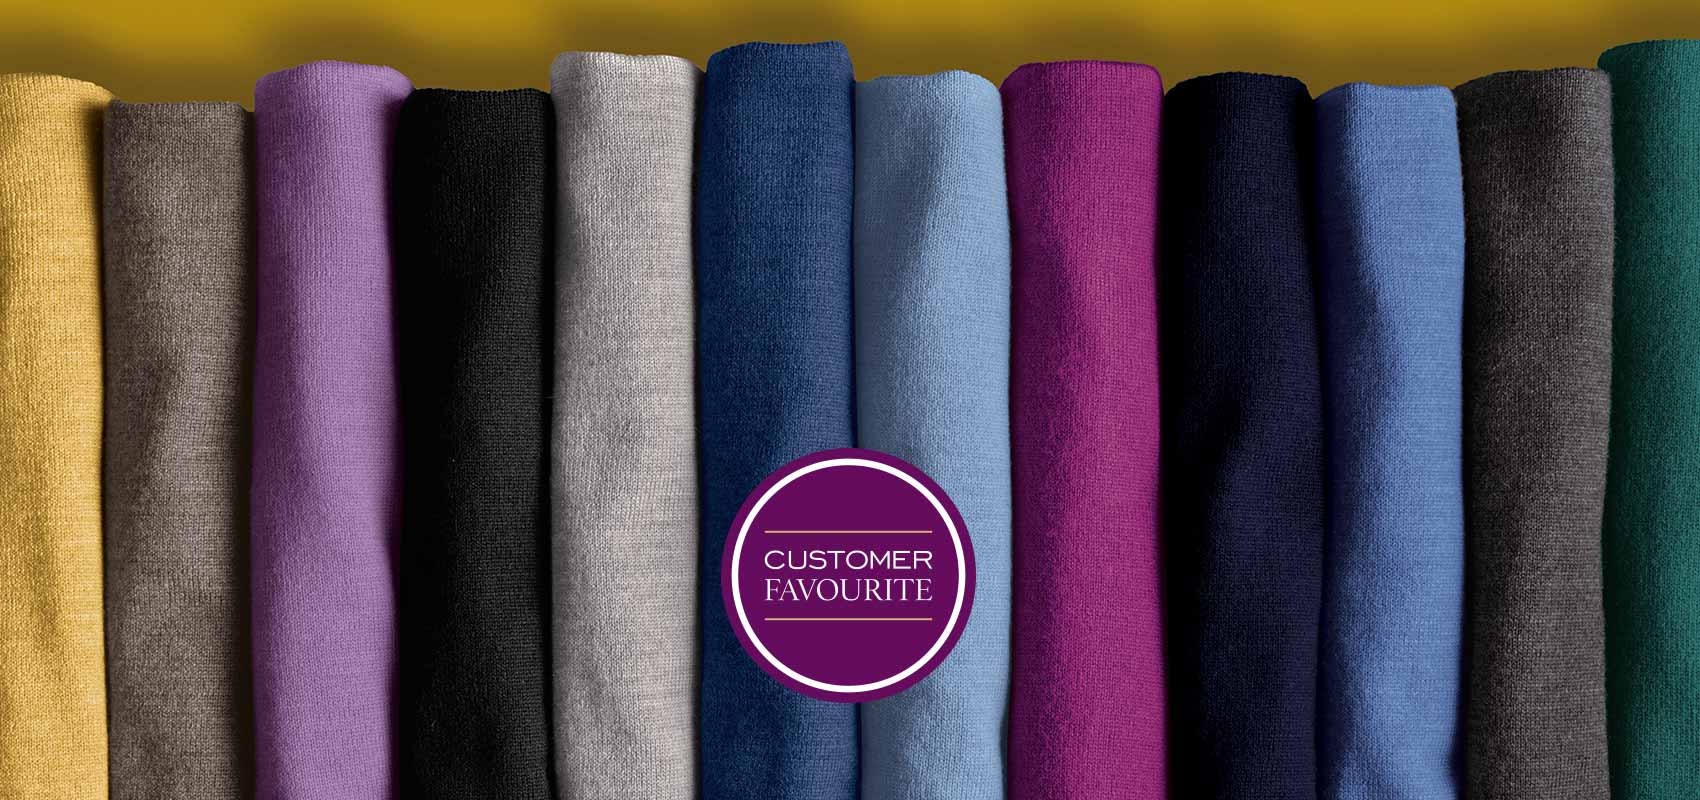 Charles Tyrwhitt merino knitwear